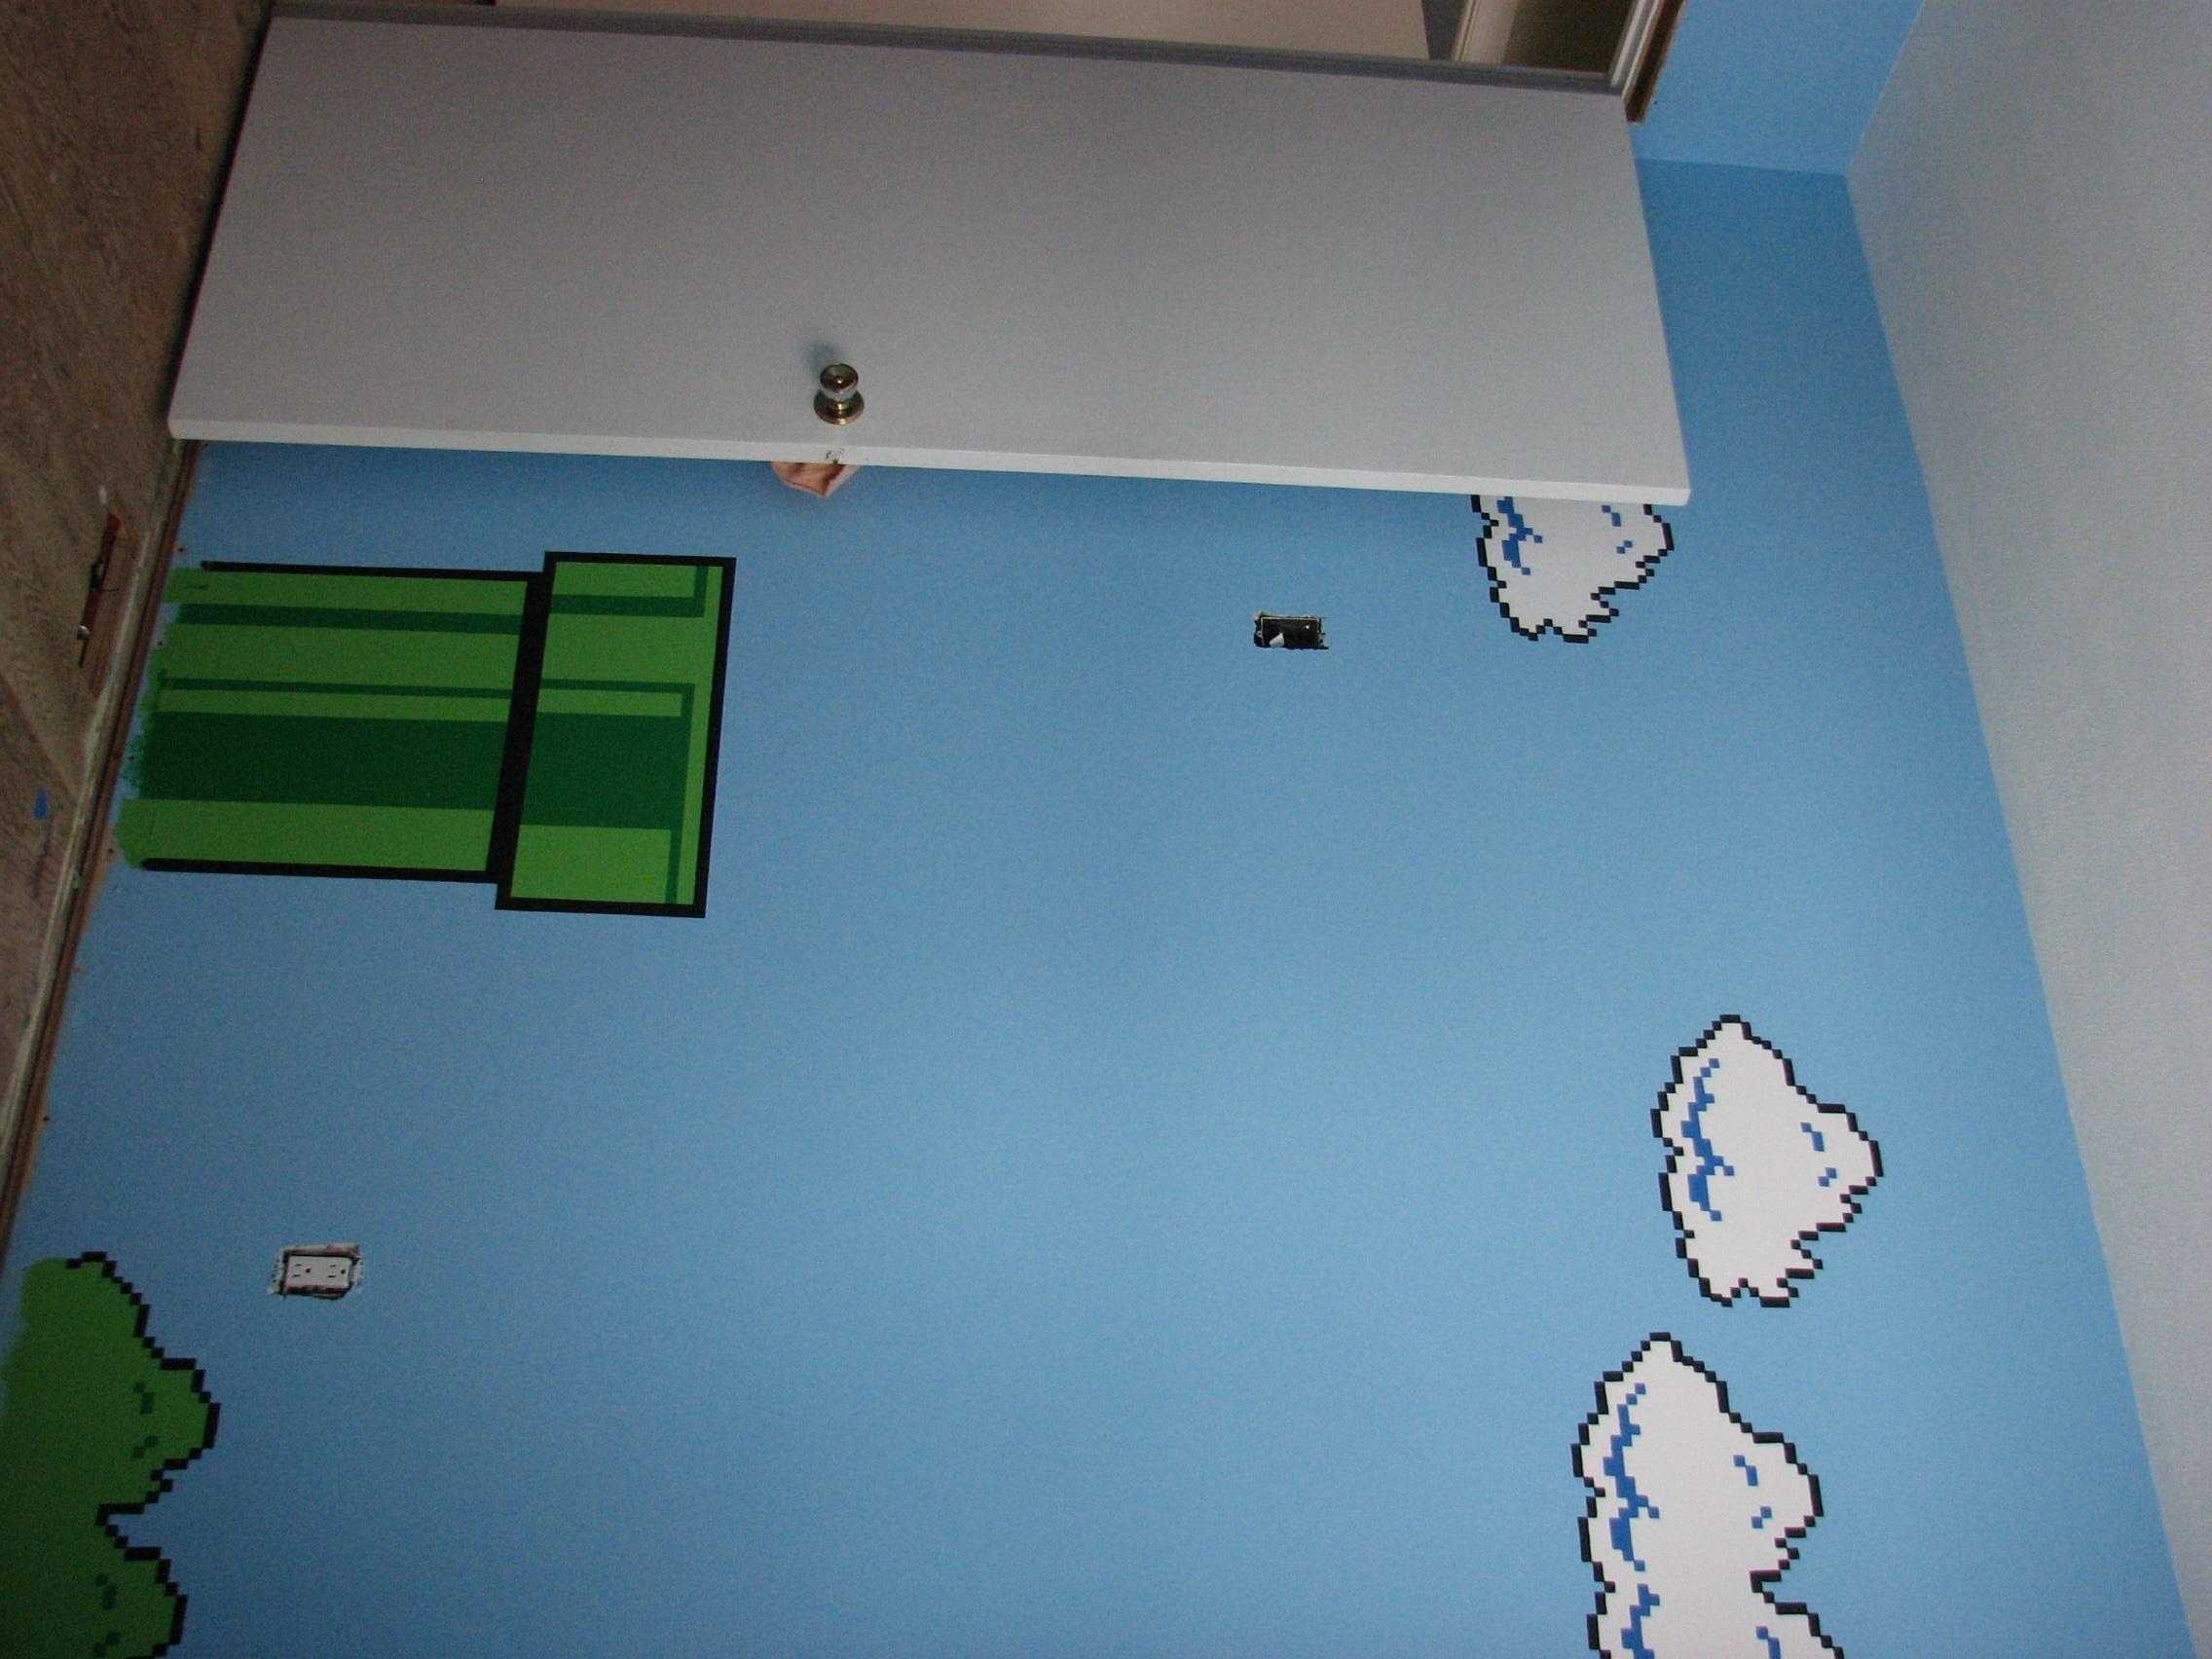 Pingl sur mario bros chambre gars bedroom boy - Deco chambre mario ...